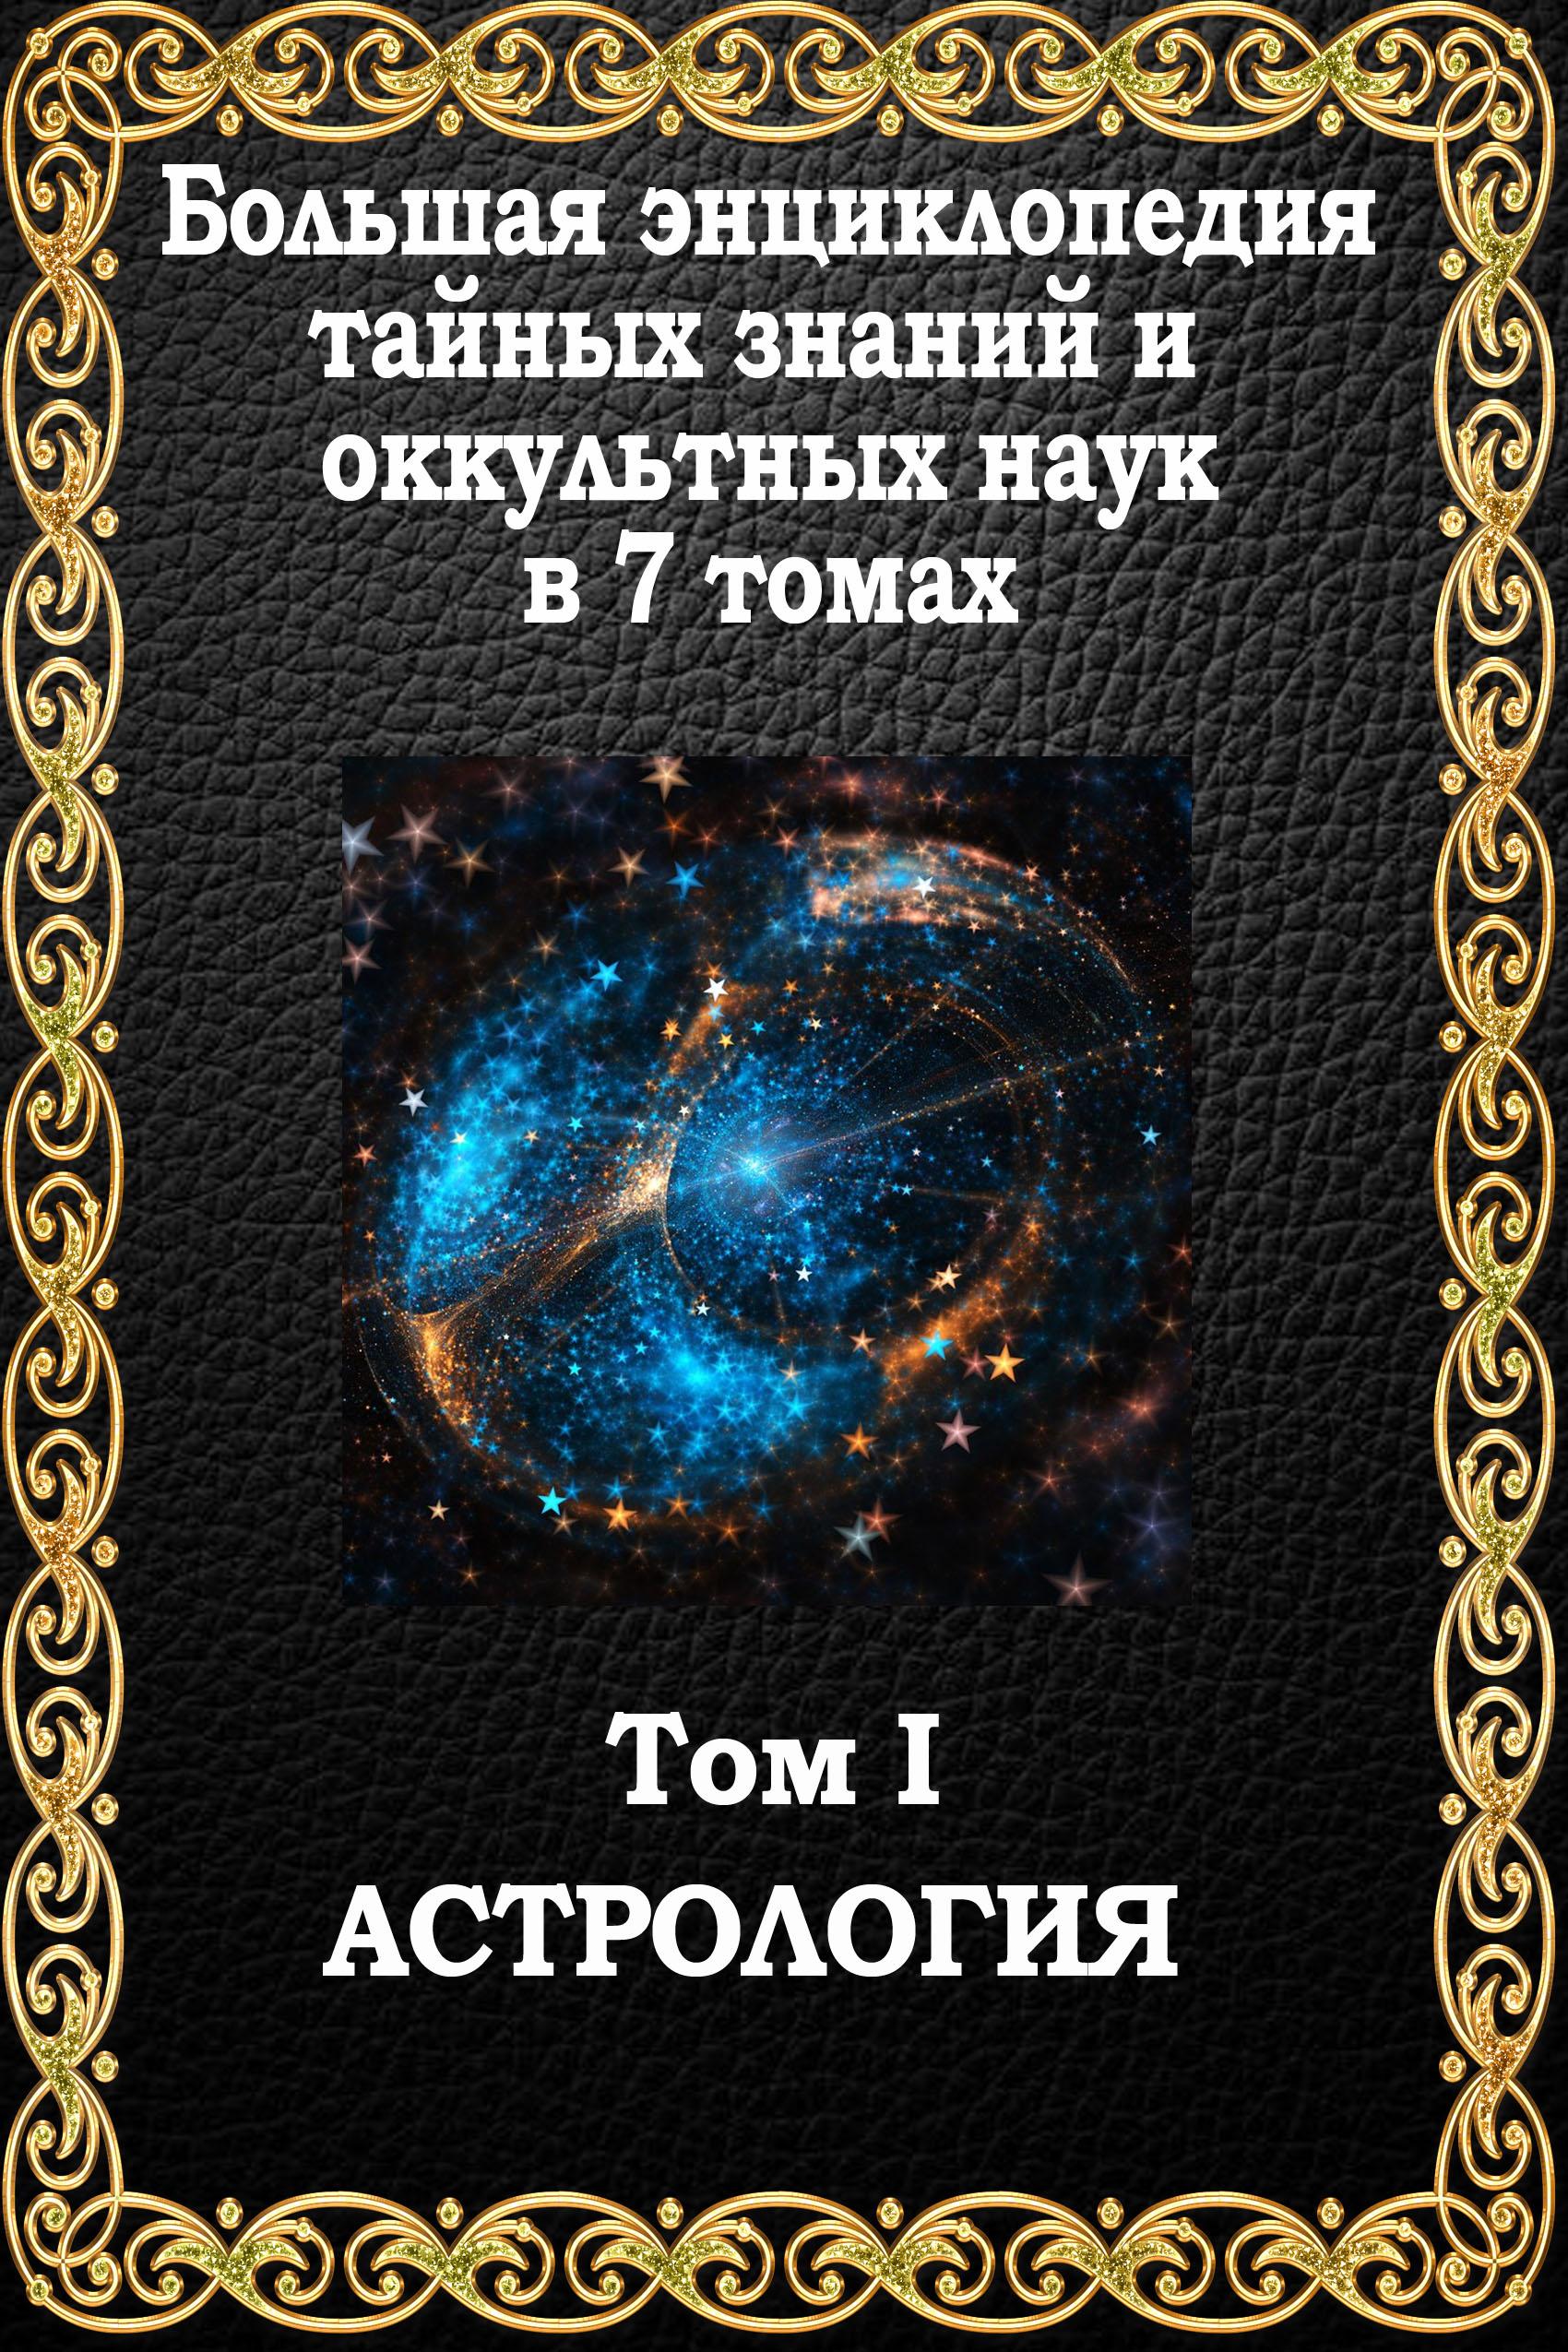 Портал:оккультизм